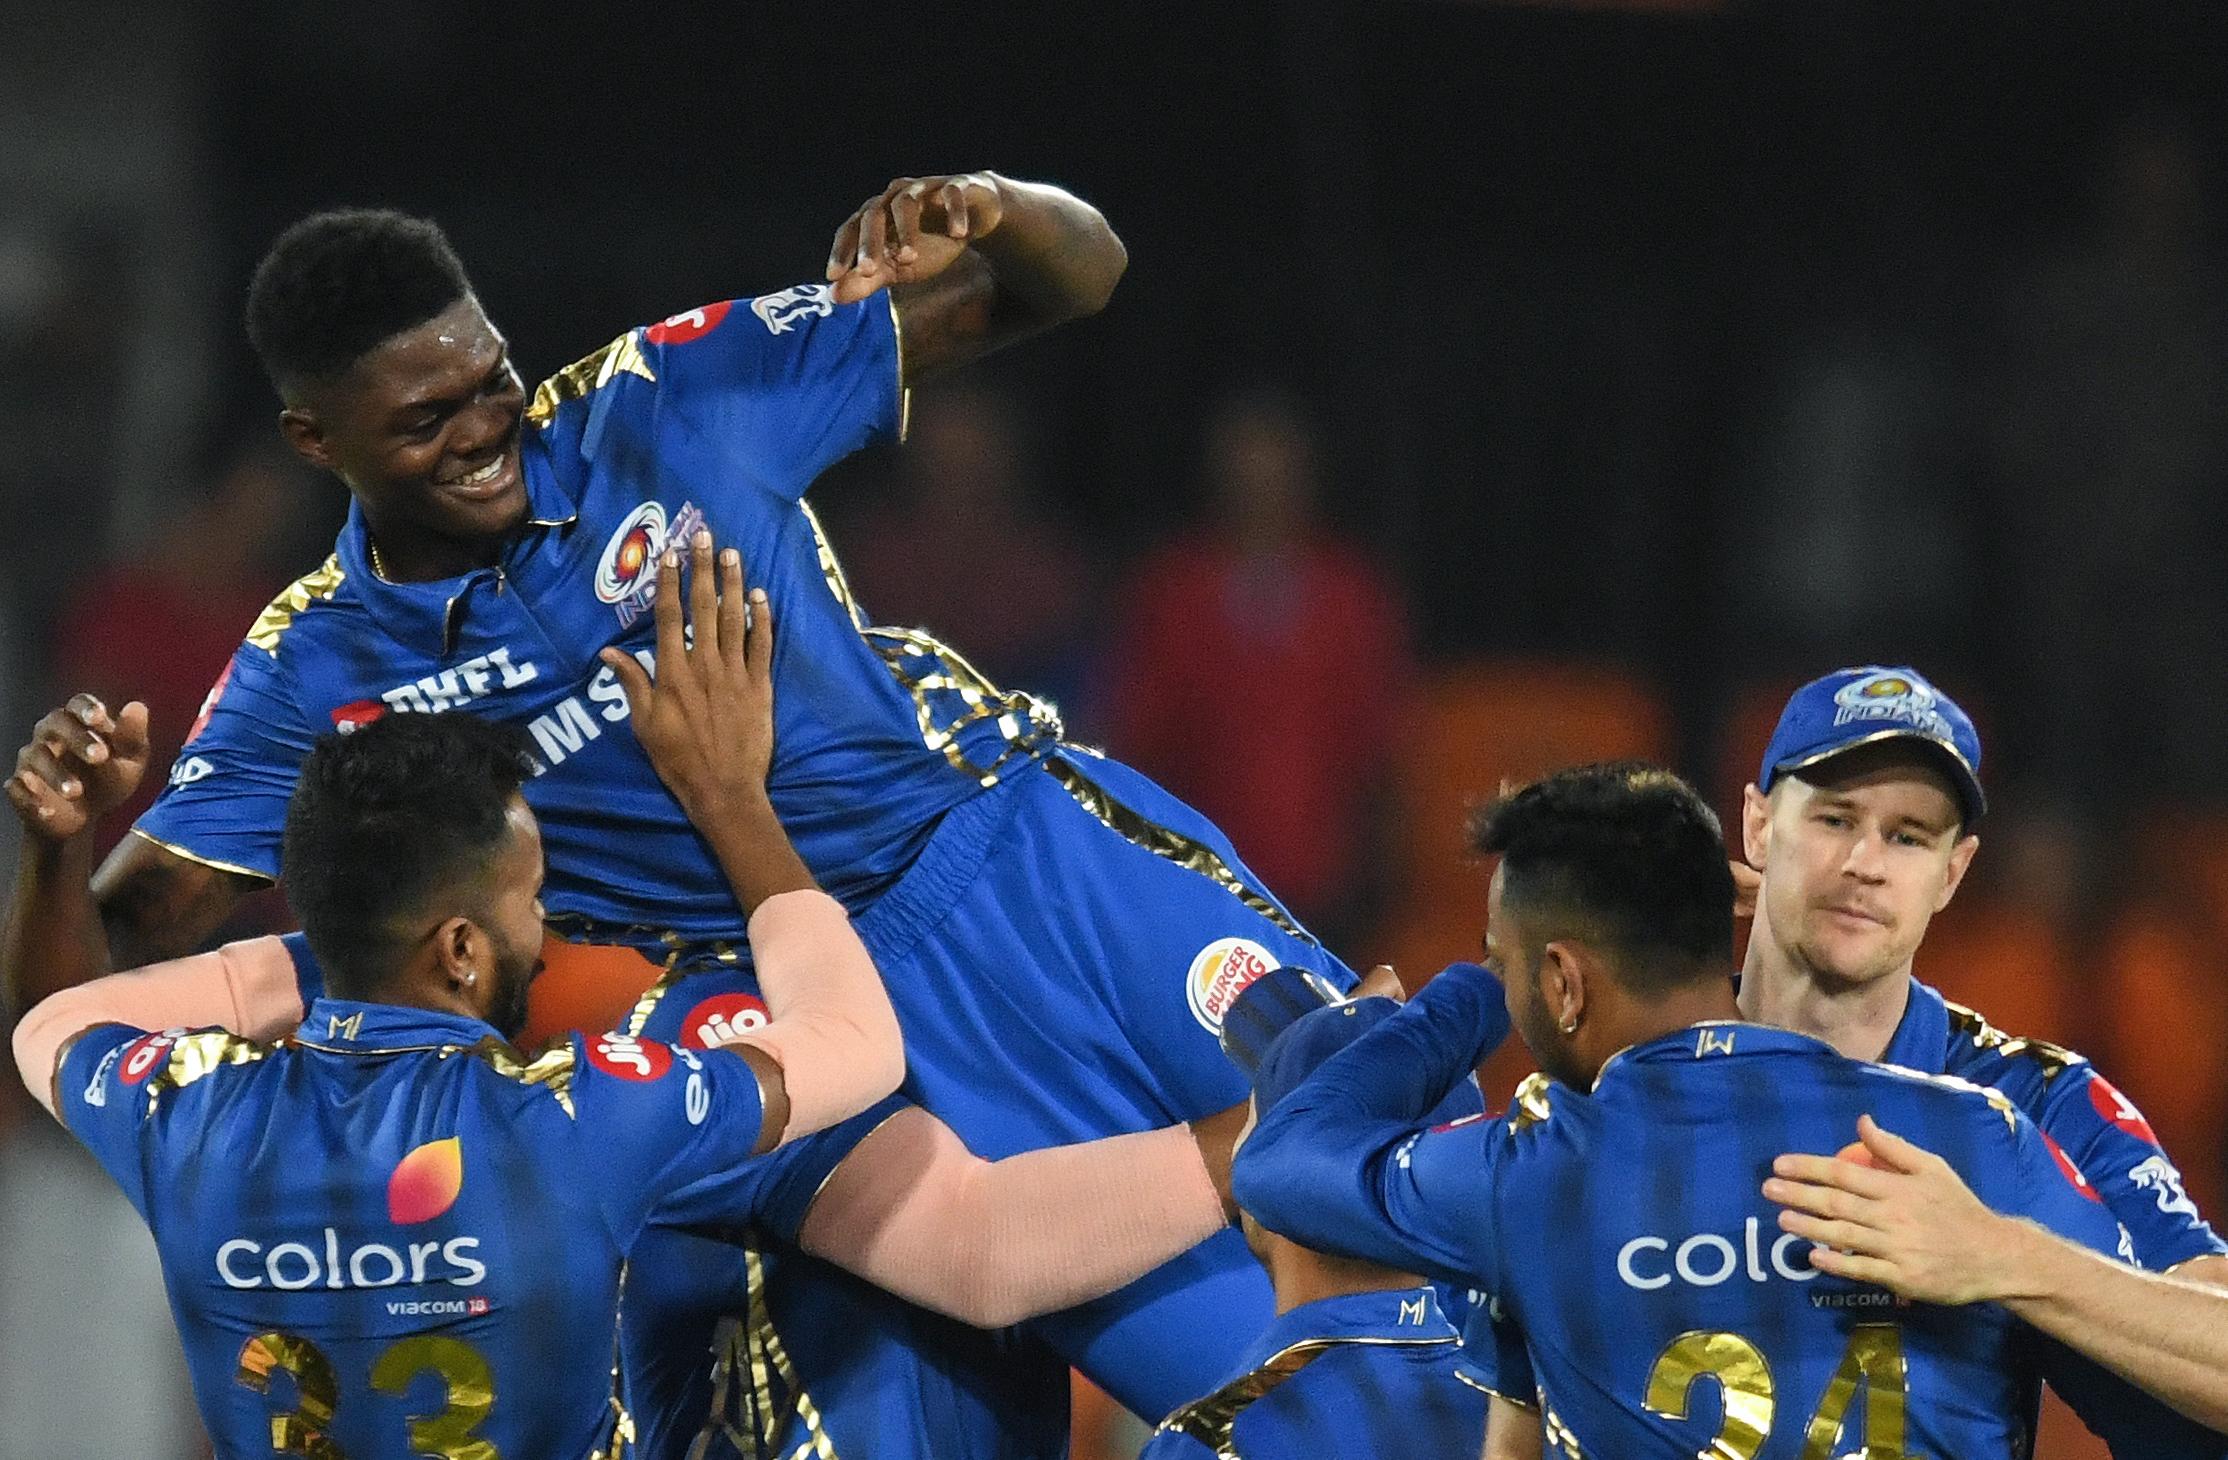 IPL debutant Alzarri Joseph breaks record for best bowling figures